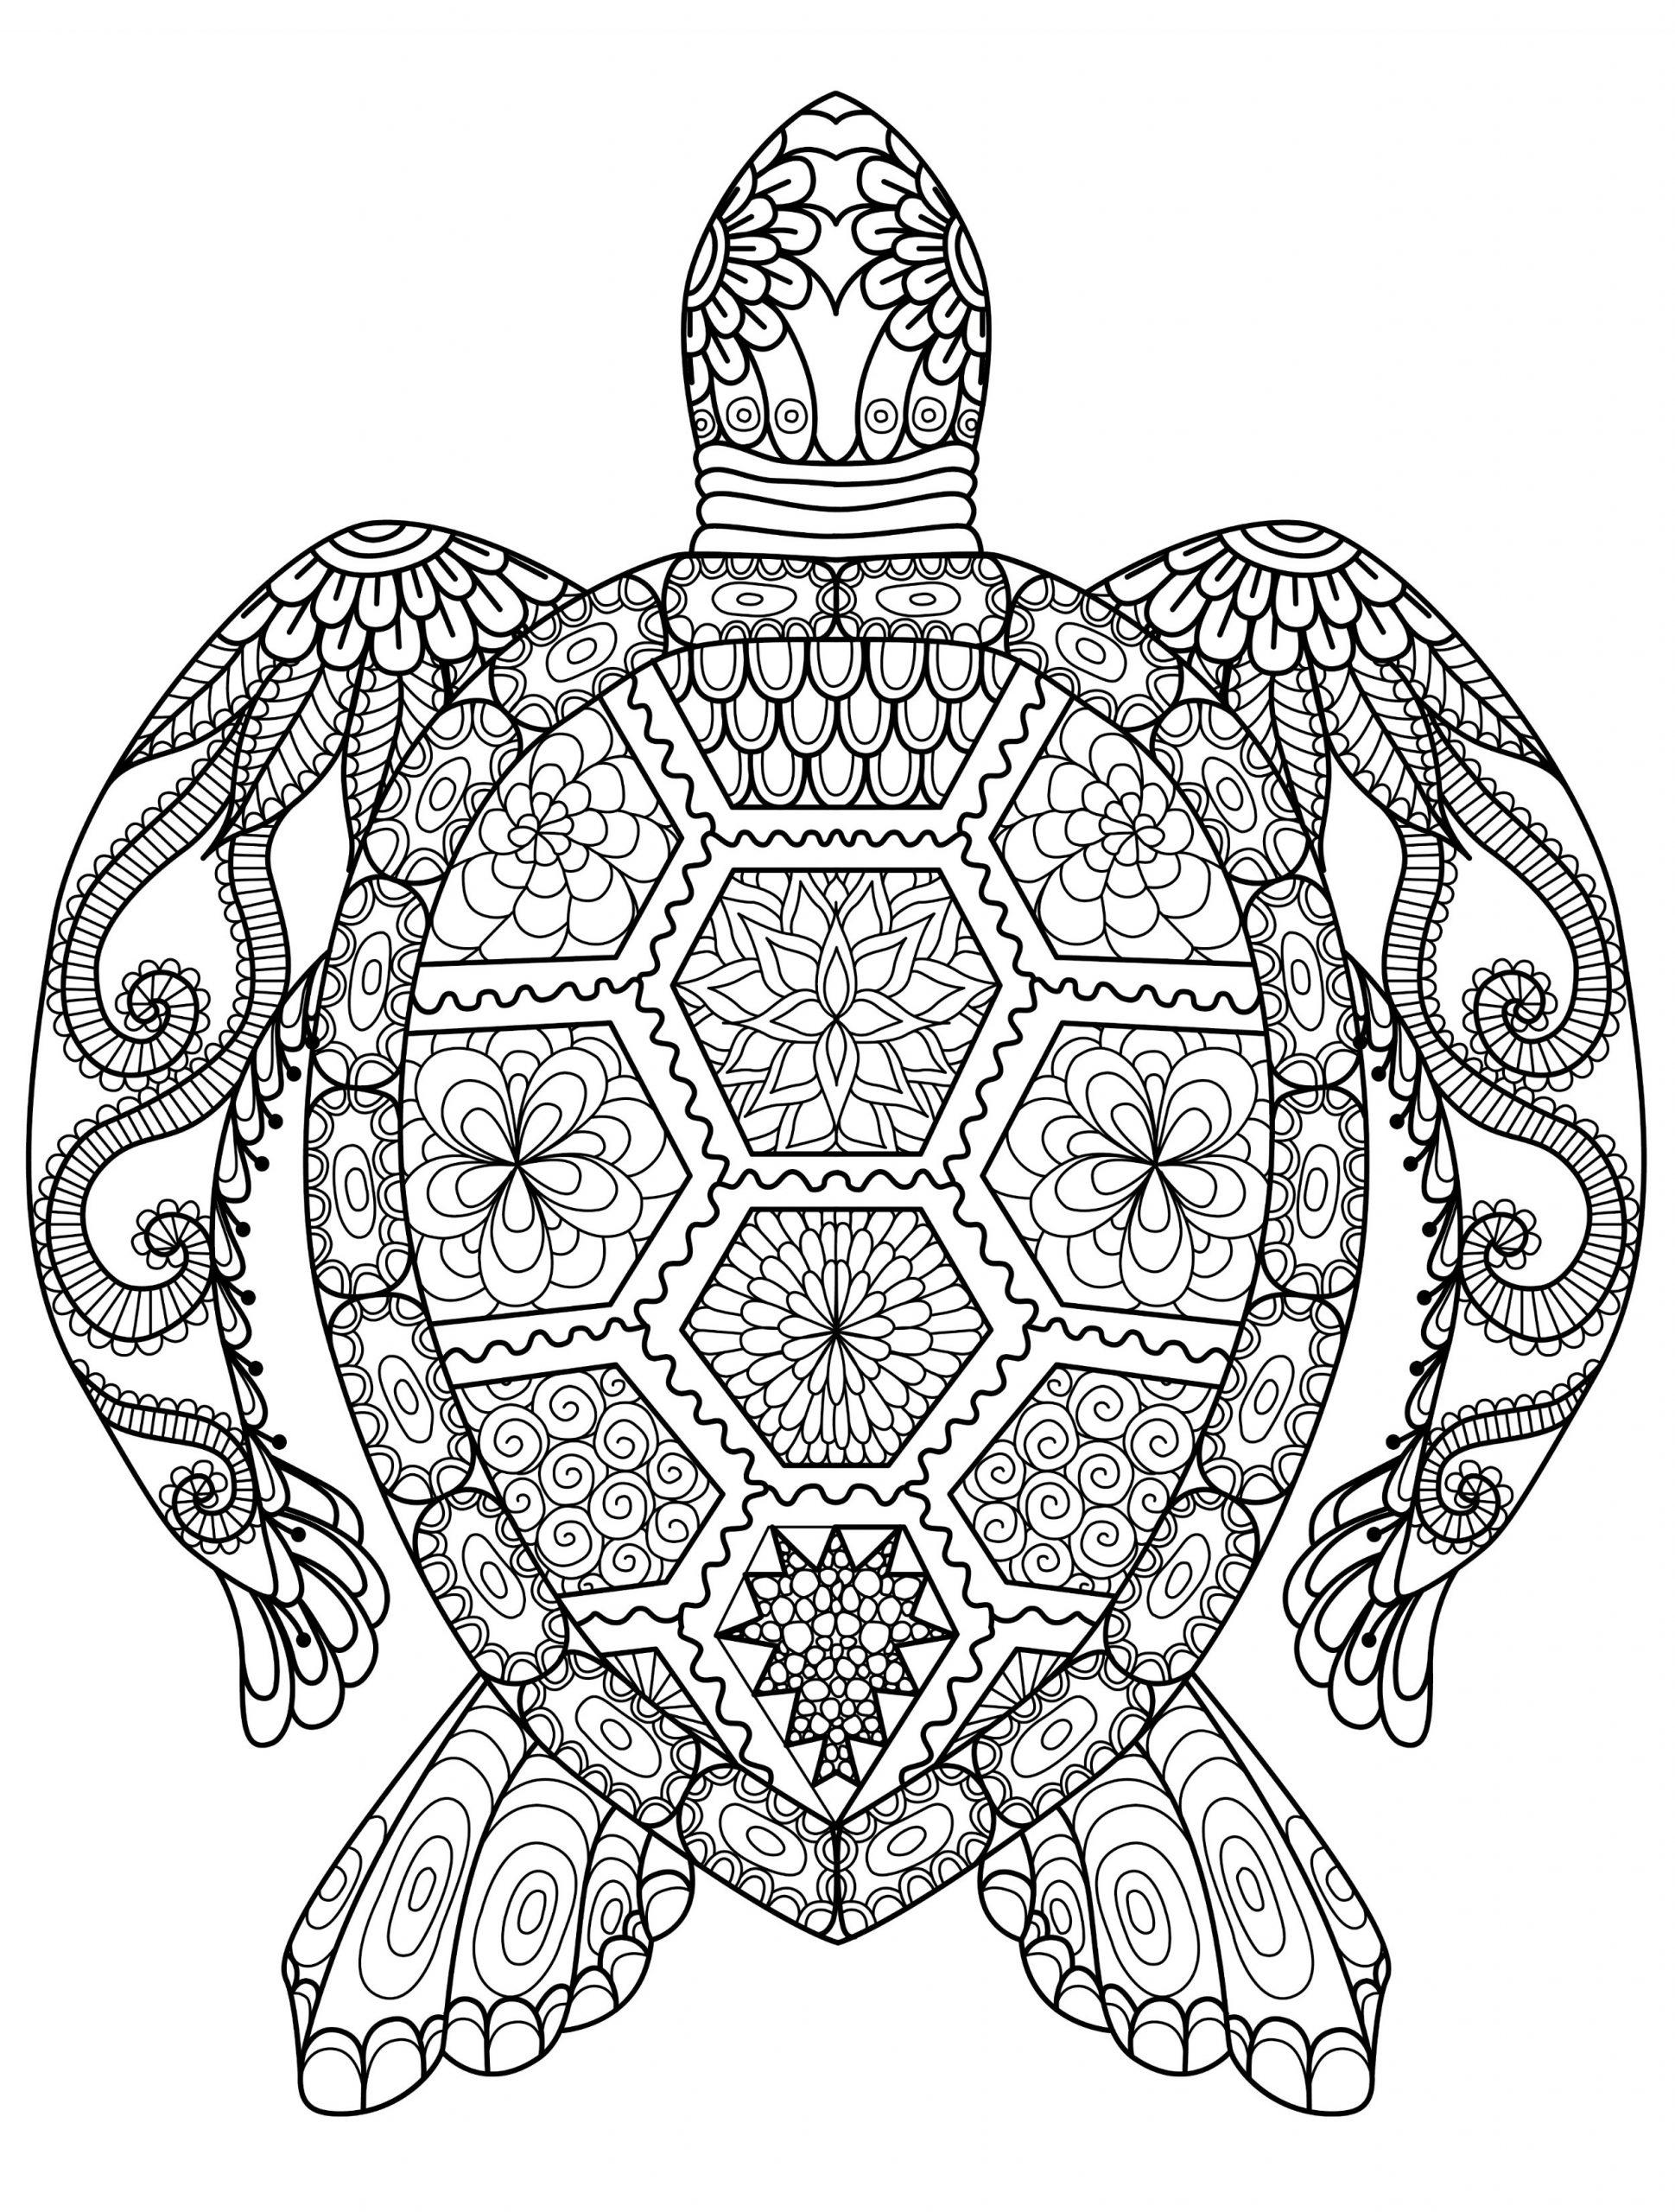 Ausmalbilder Für Erwachsene Tiere Zum Ausdrucken über Tier Mandalas